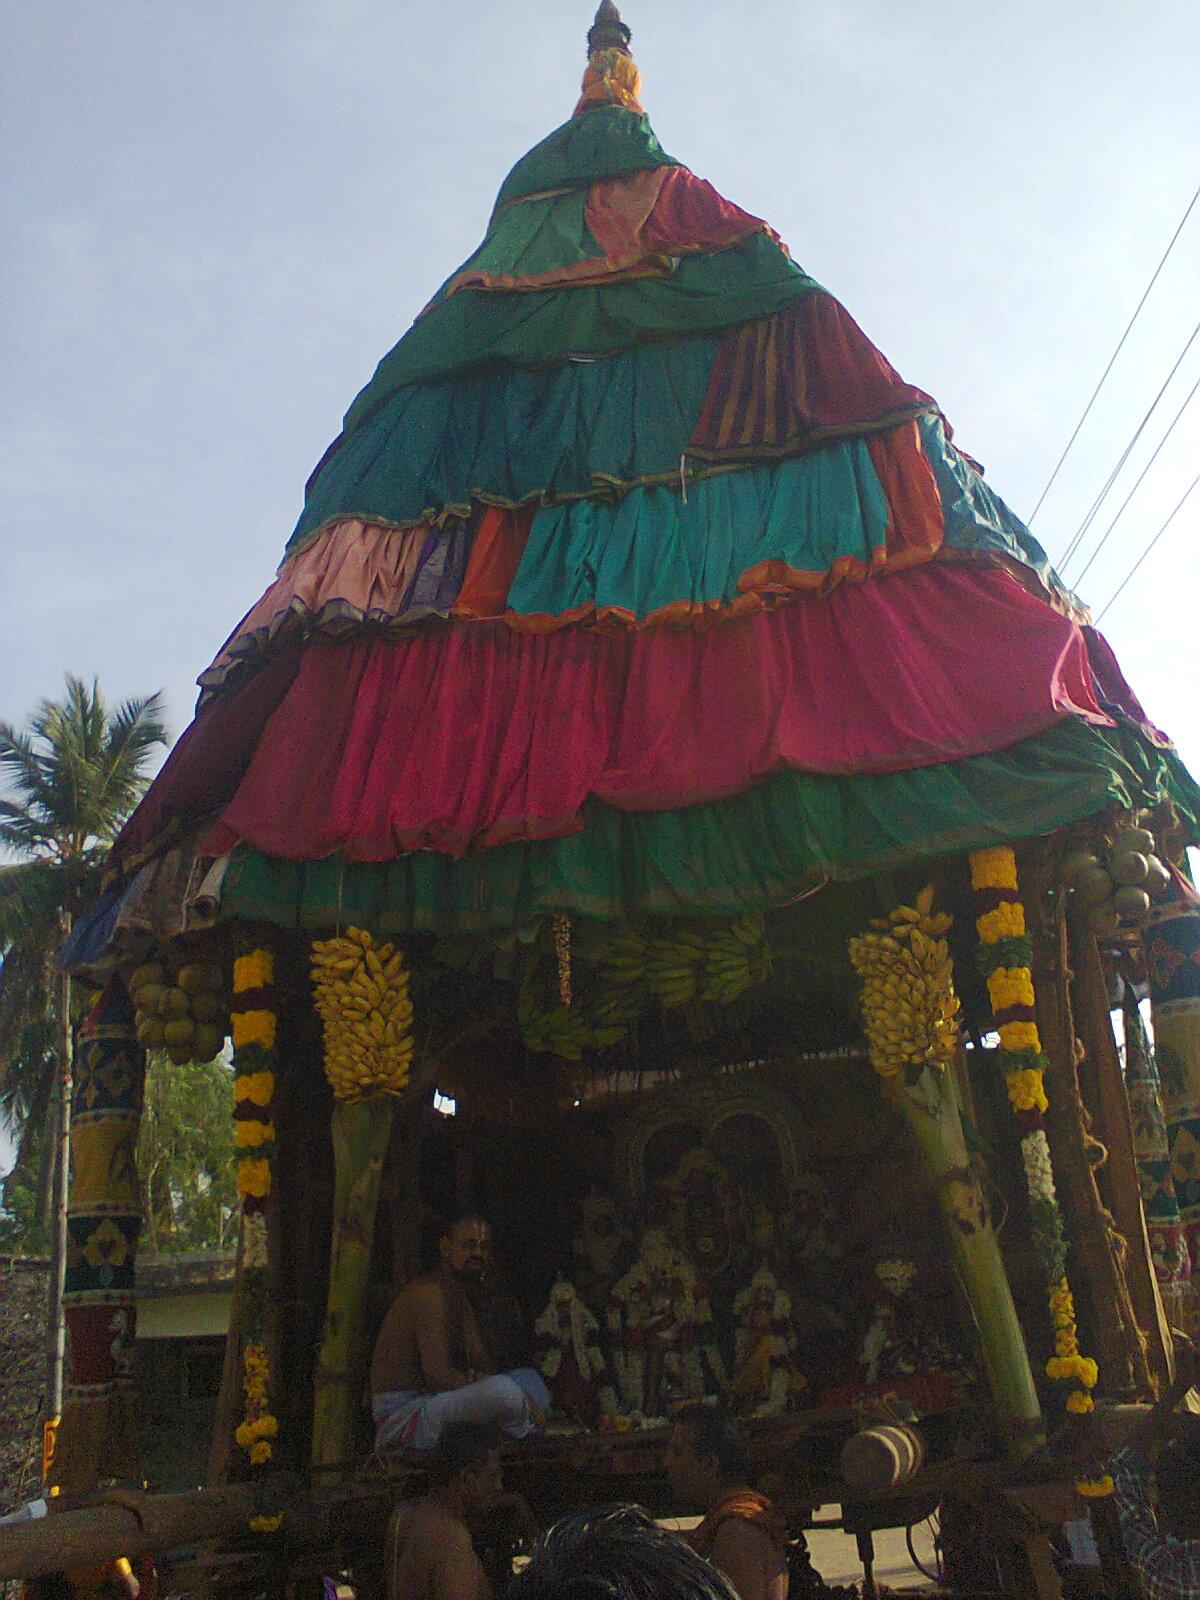 Veerananallur village picture in Tamil Nadu